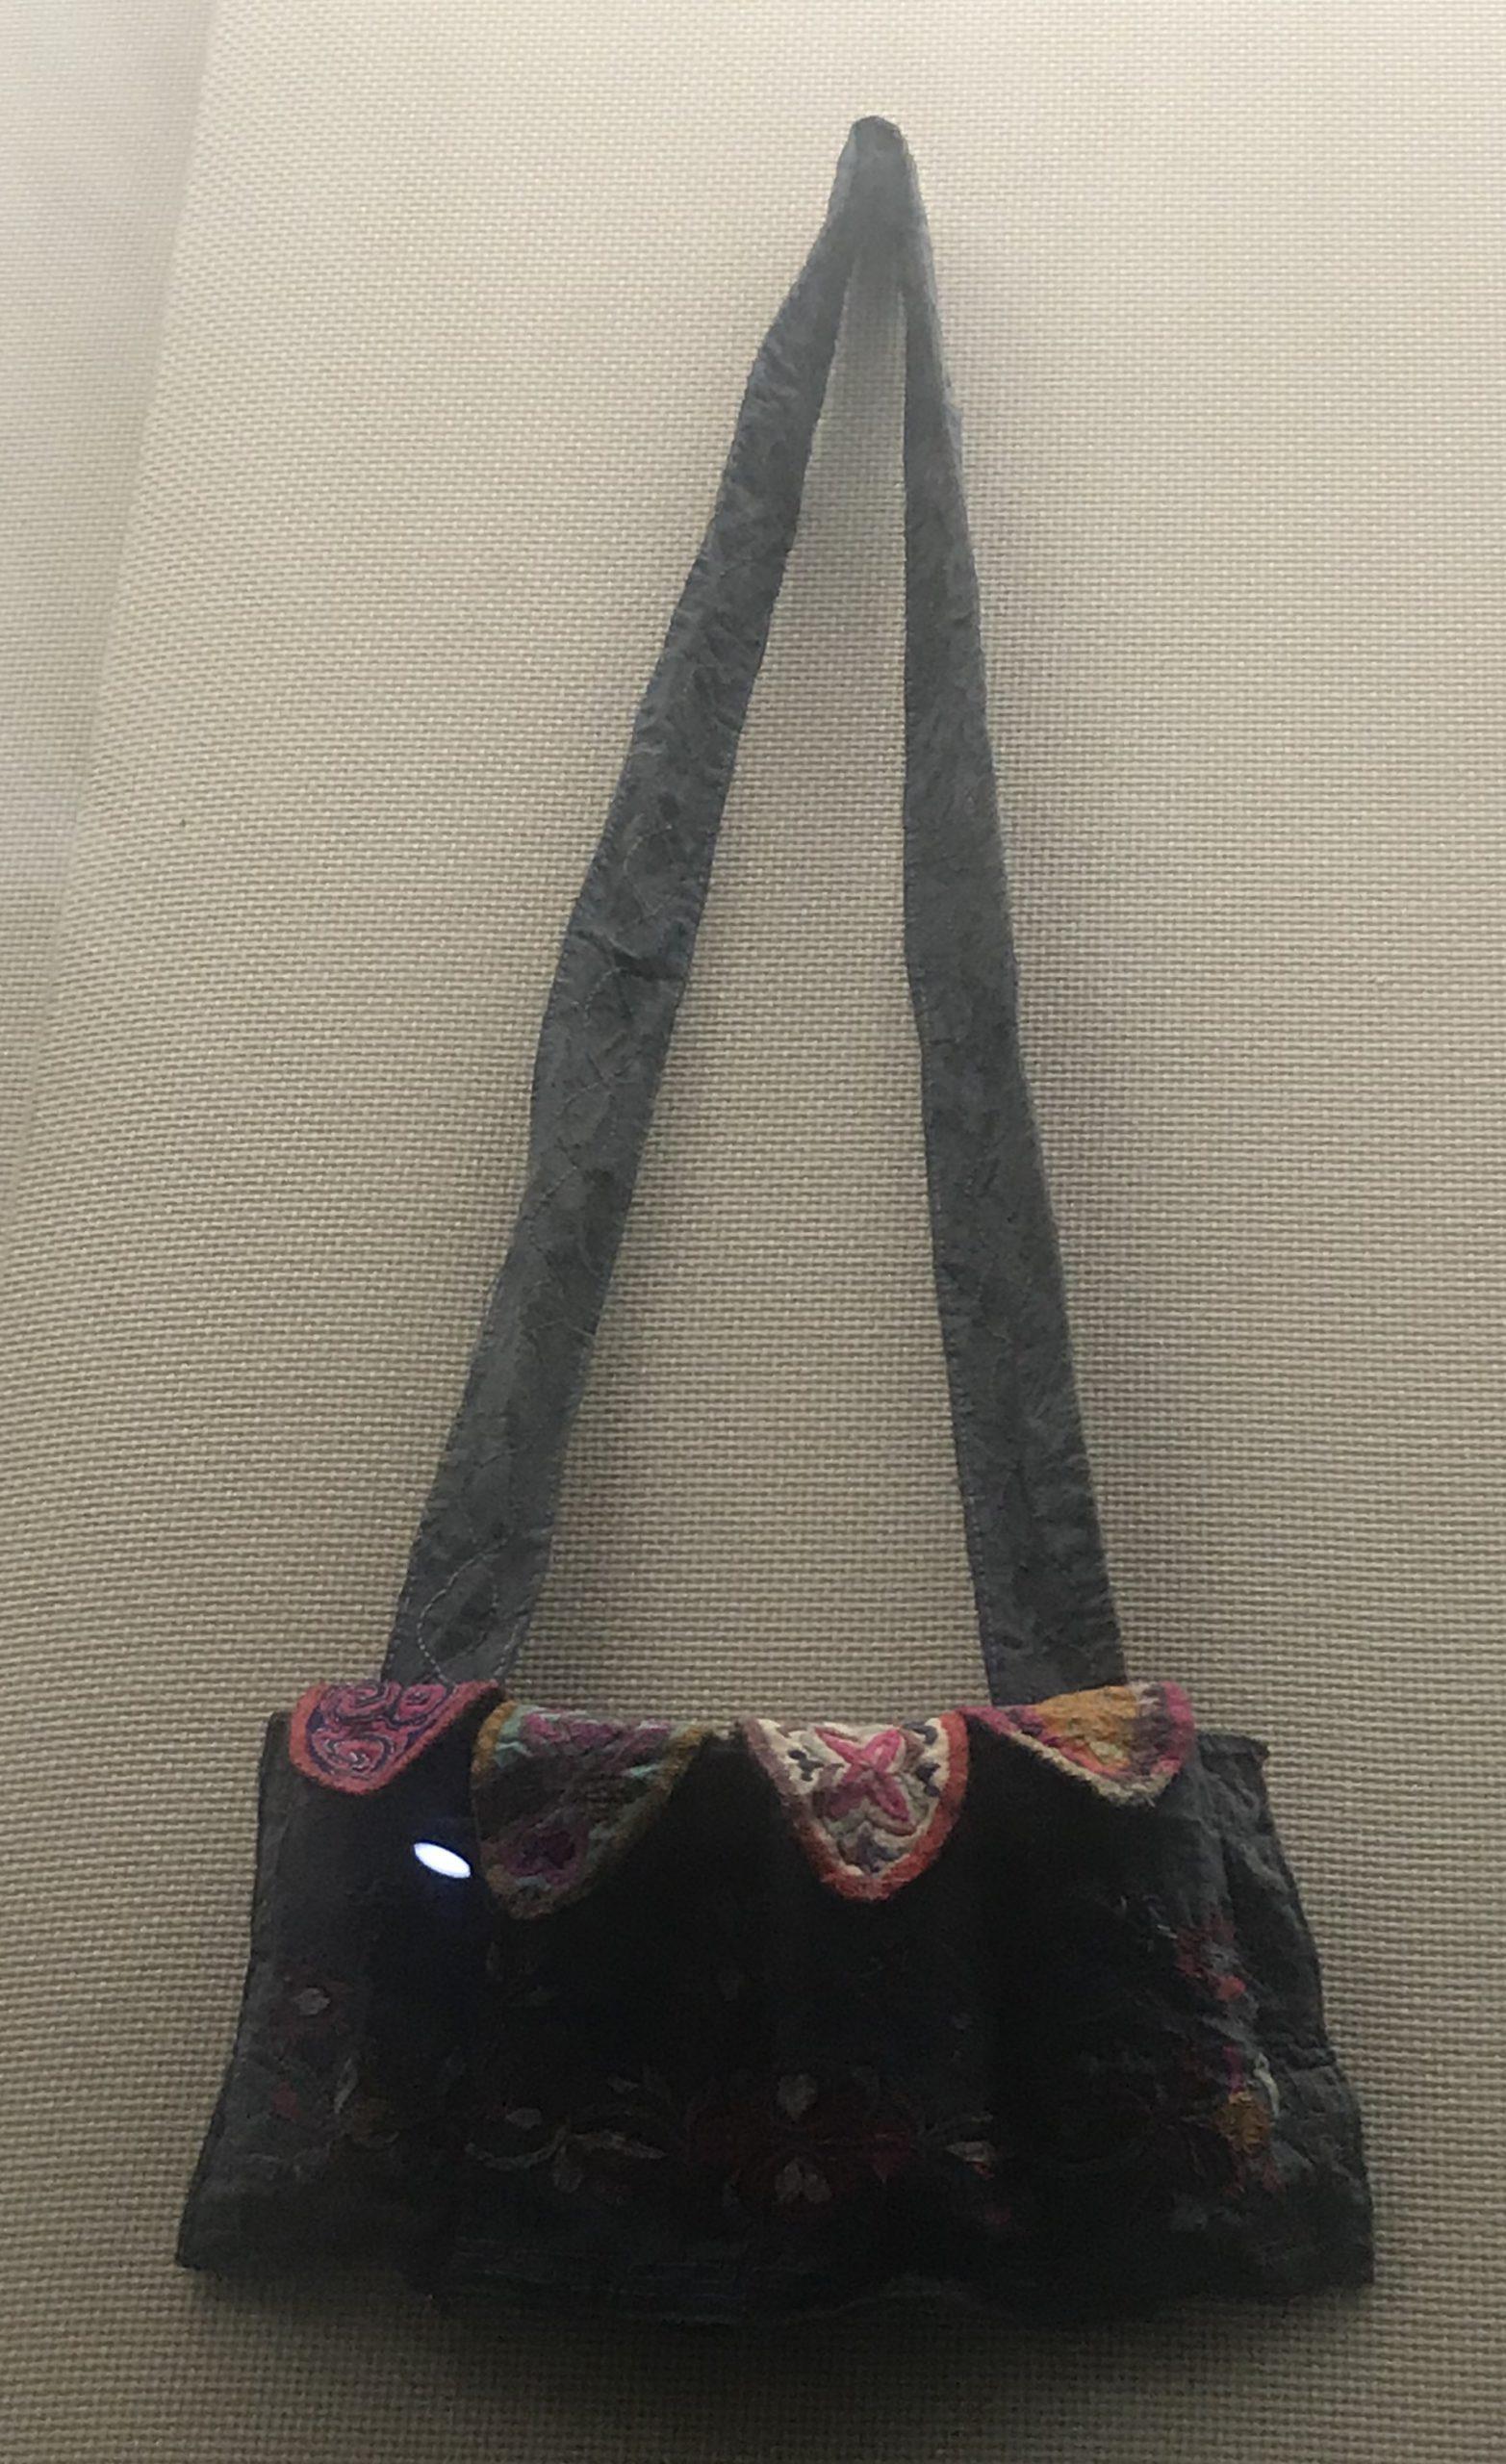 繍花弾薬鞄-チャン族衣装-四川民族文物館-四川博物館-成都